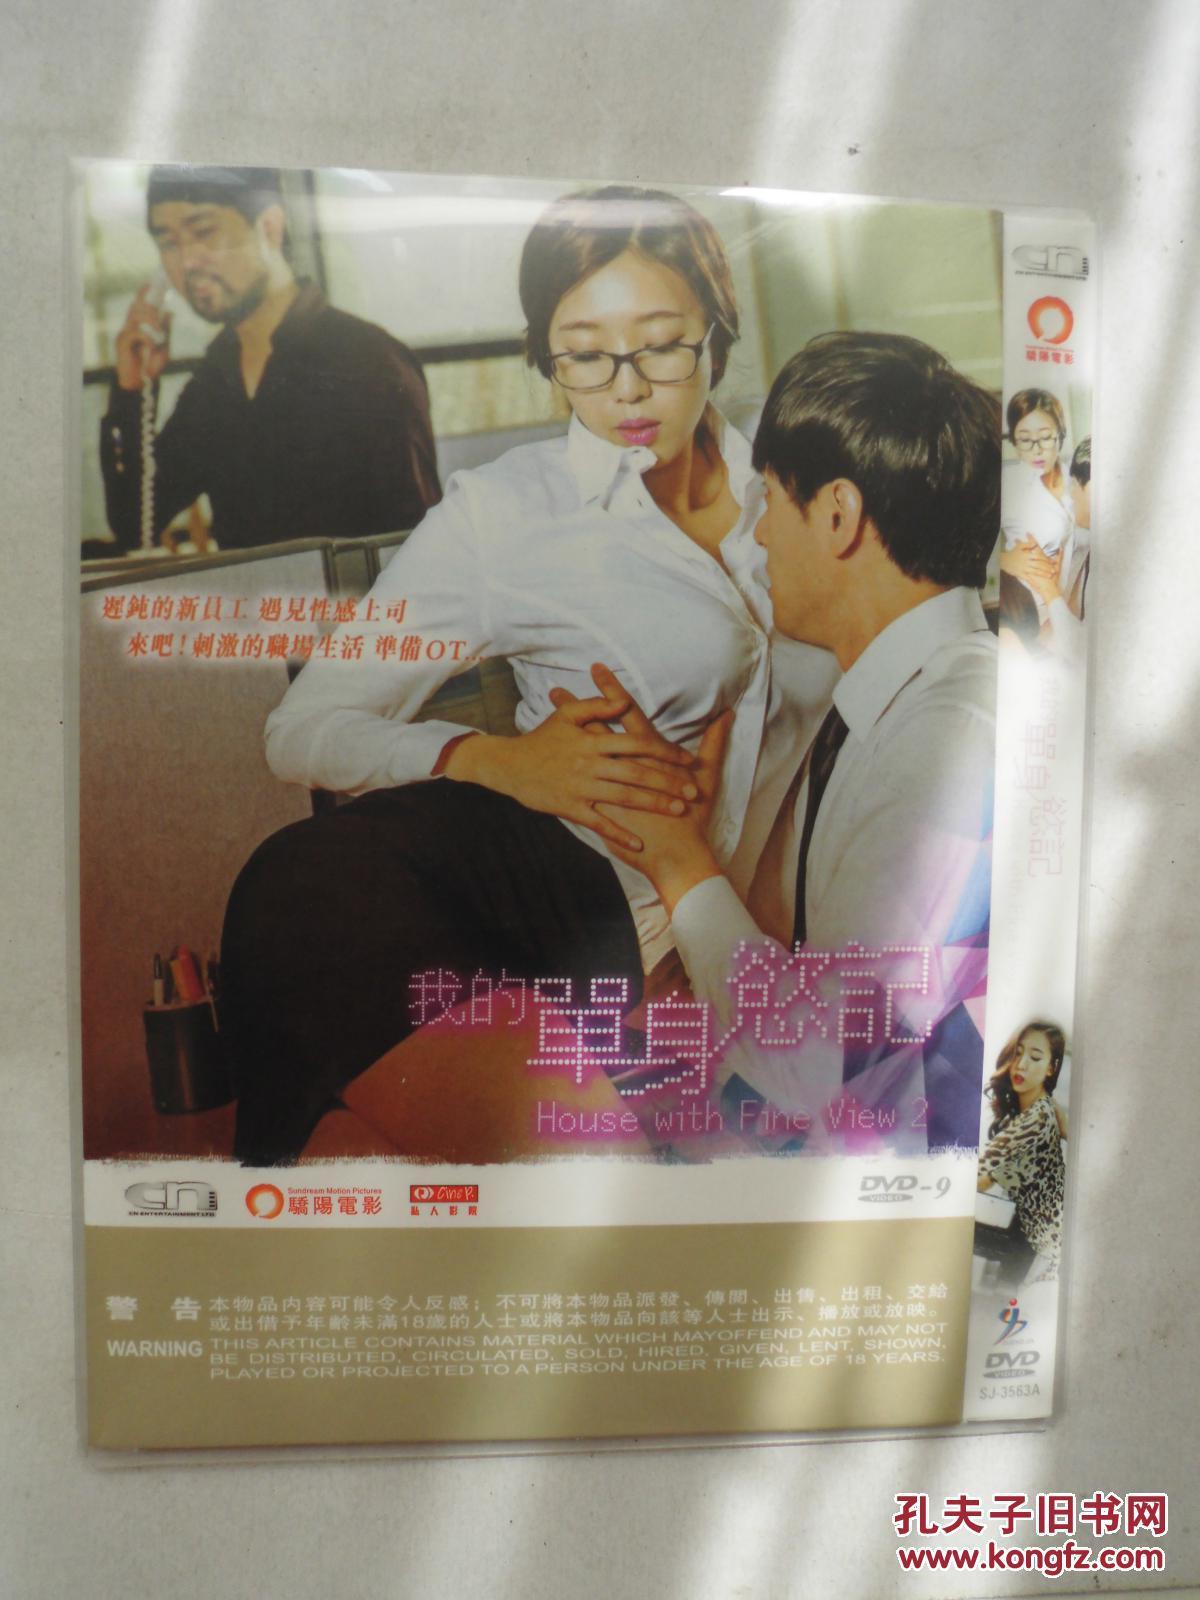 华娱情se_dvd 美景之屋2 2 又名: 我的单身欲记 导演: 京锡昊 d9 华娱港3区